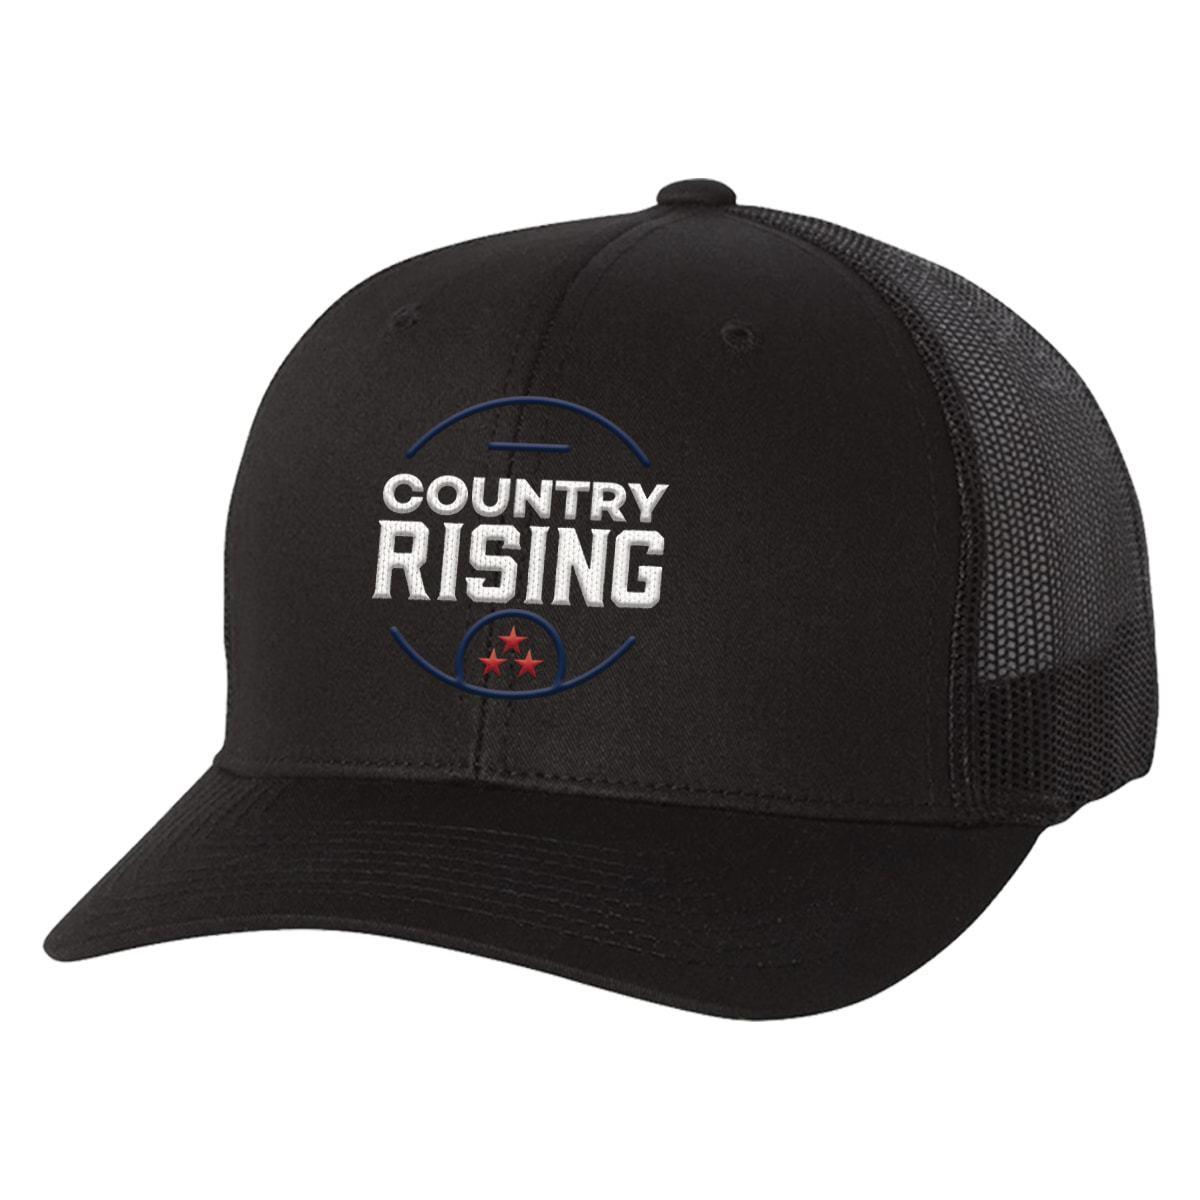 Unisex Black Trucker Cap